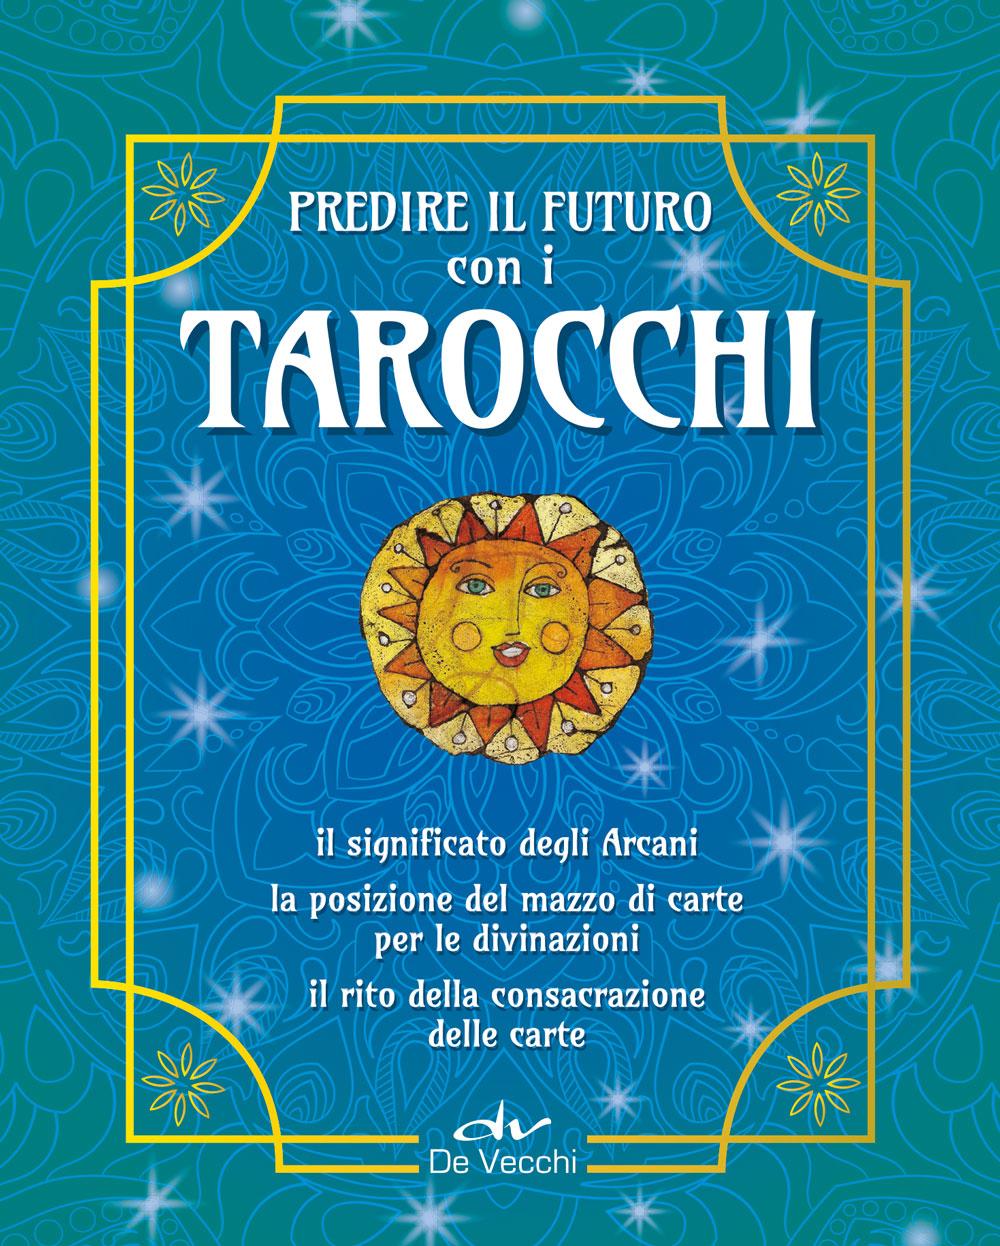 Predire il futuro con i Tarocchi